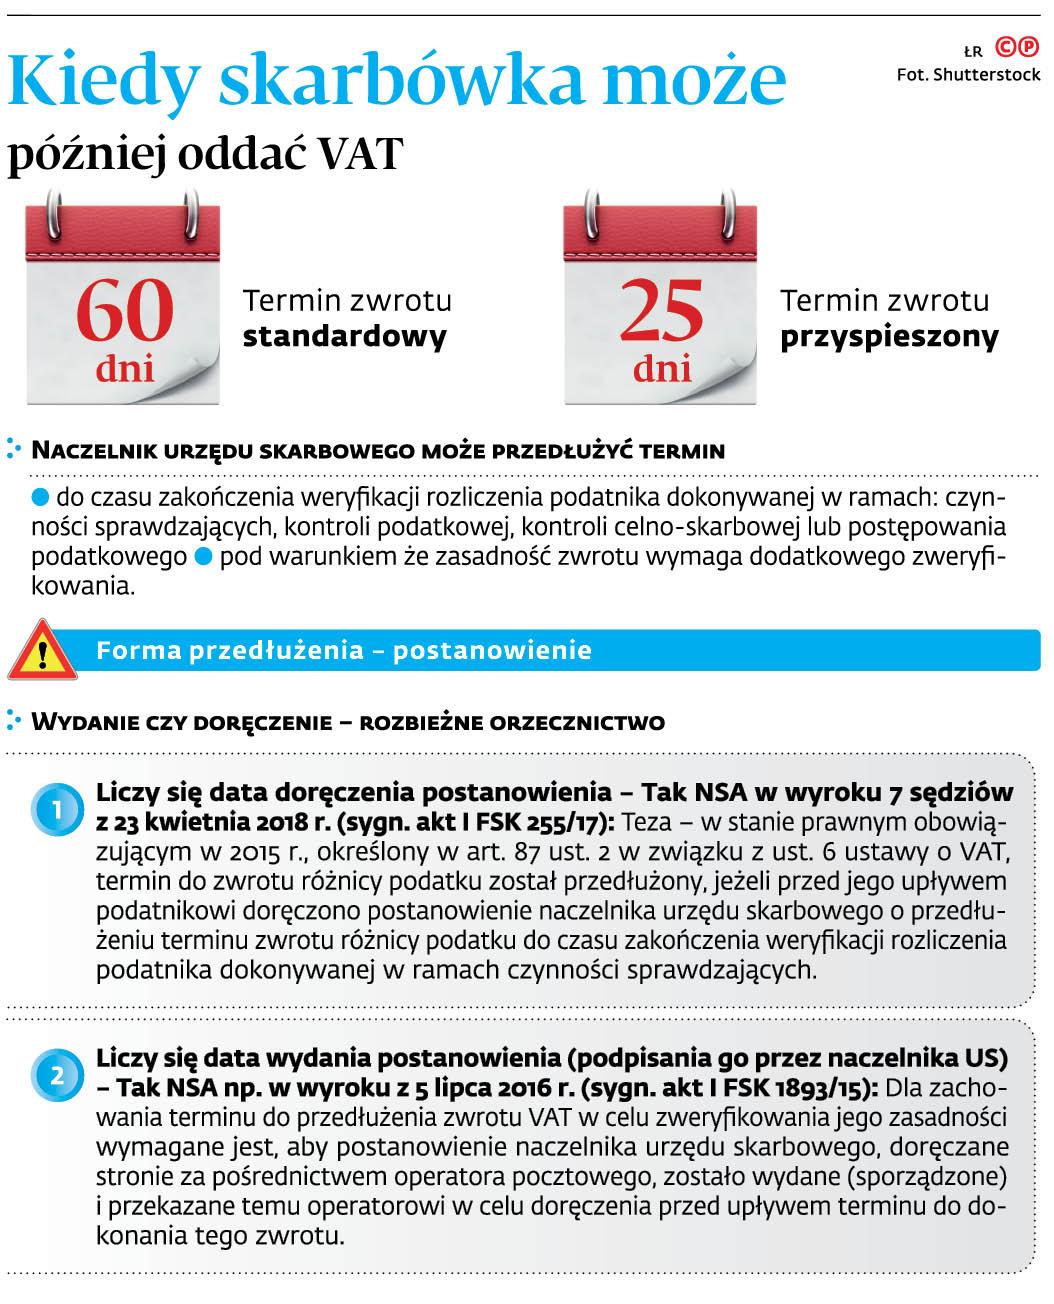 Kiedy skarbówka może później oddać VAT